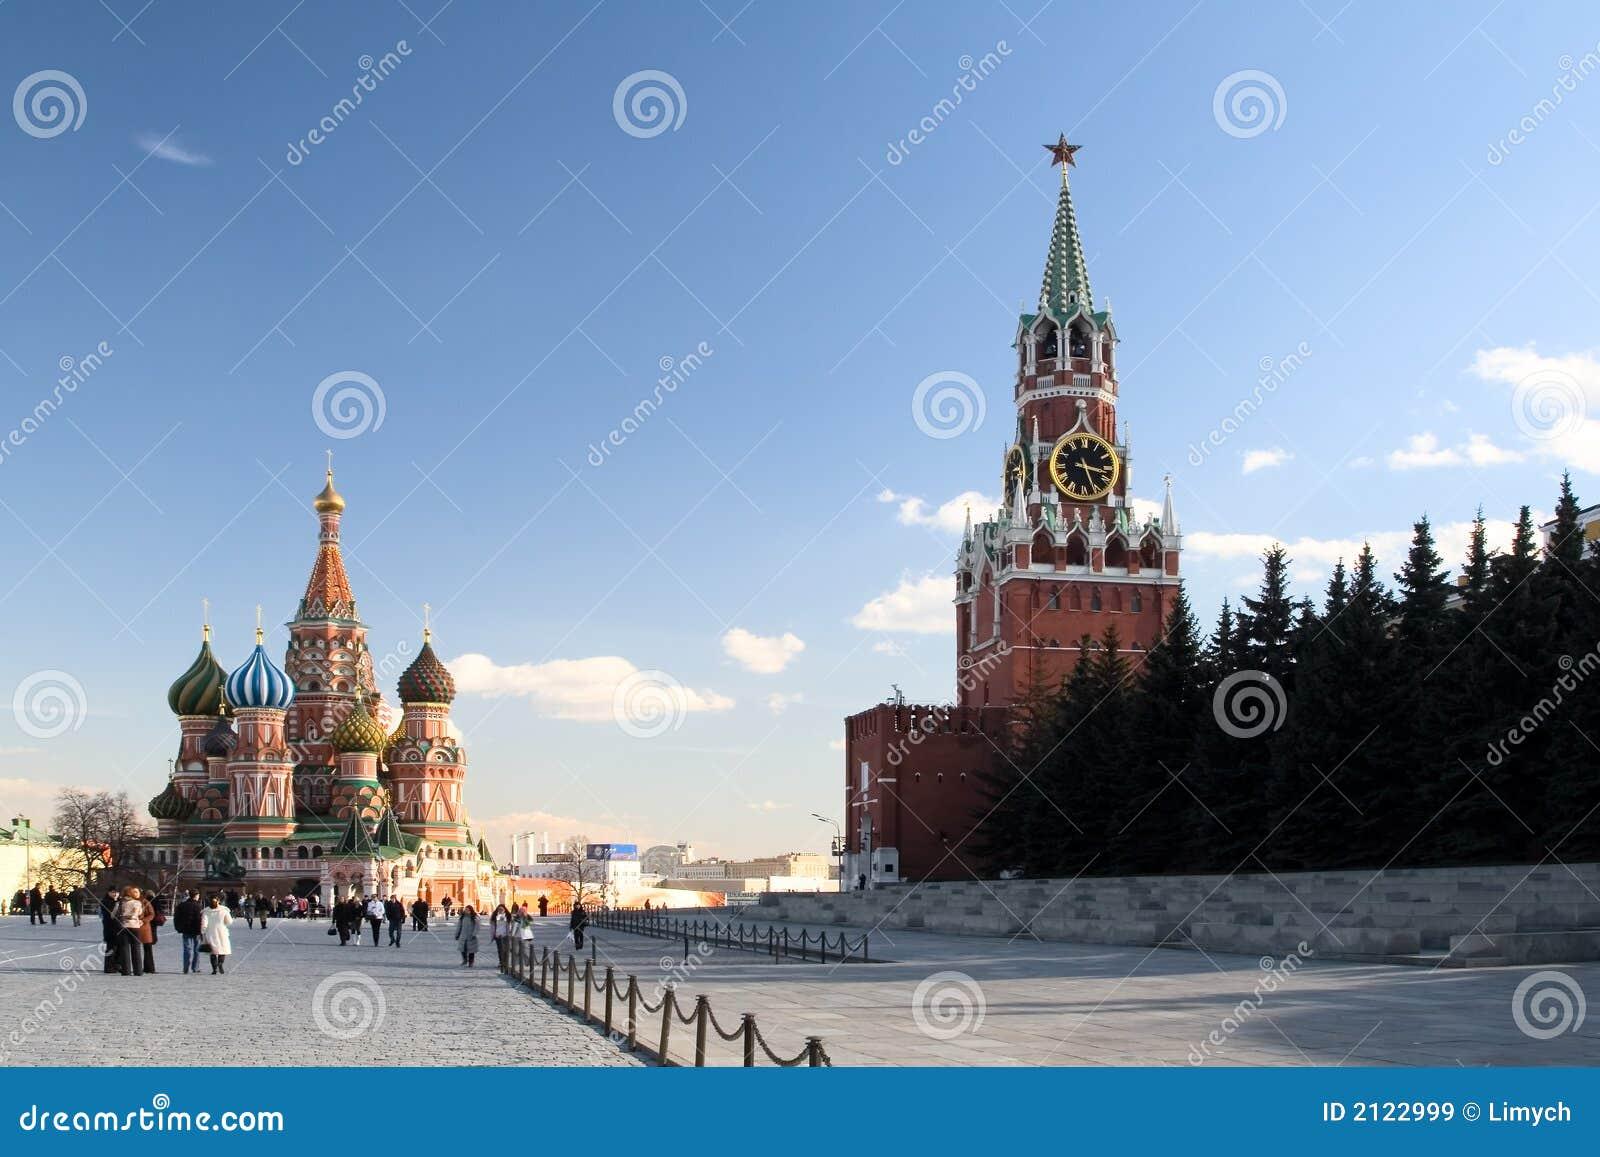 Opinión de Plaza Roja. Moscow.Russia